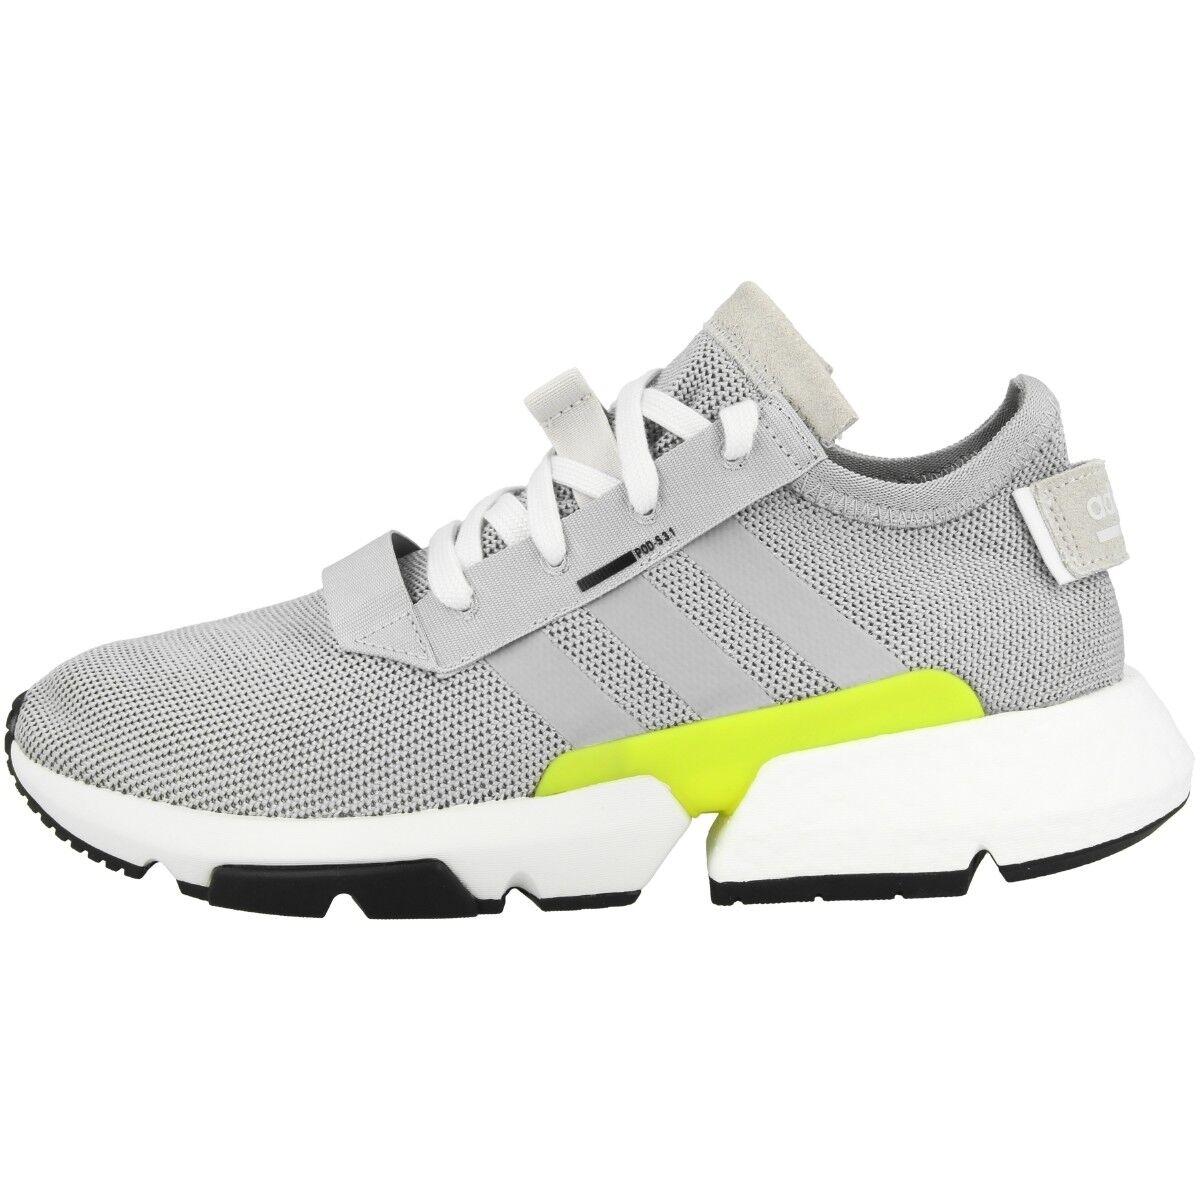 Adidas POD-S3.1 Scarpe Uomo Tempo Libero Sport Grigio Sneaker Shock Giallo